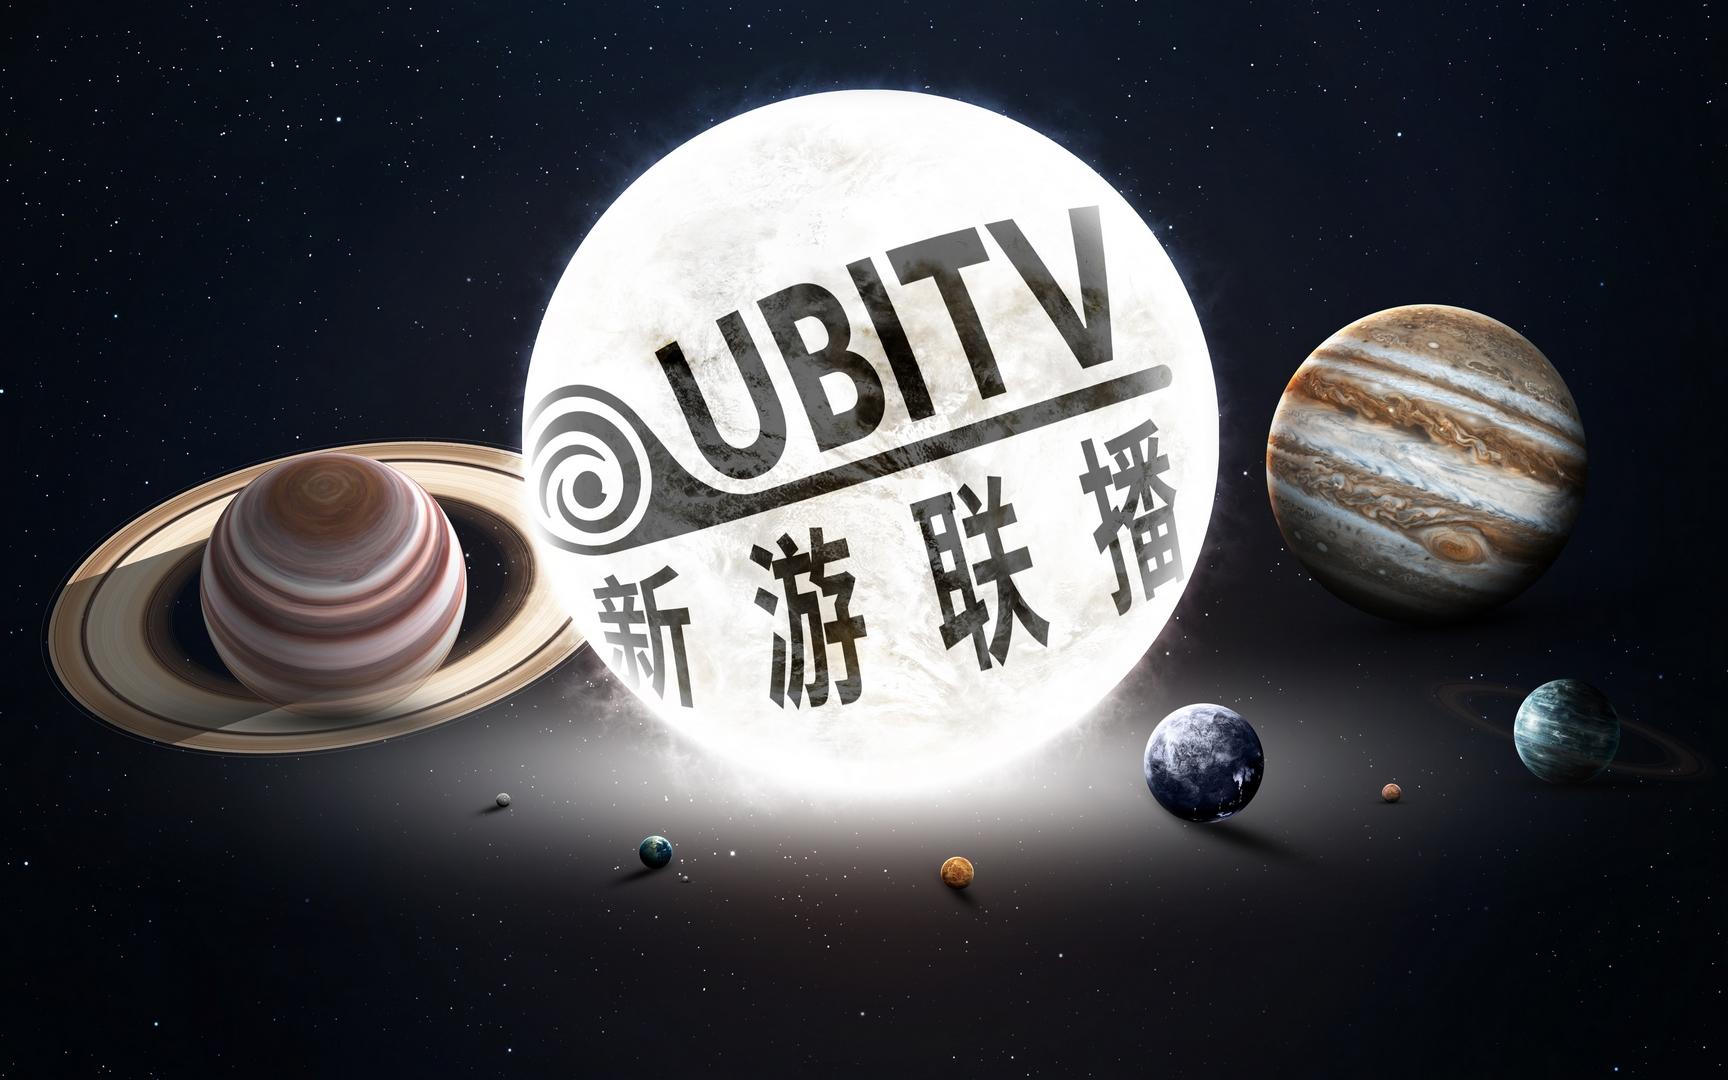 育碧前瞻会中国版《新游联播》6月13日晚7点播出